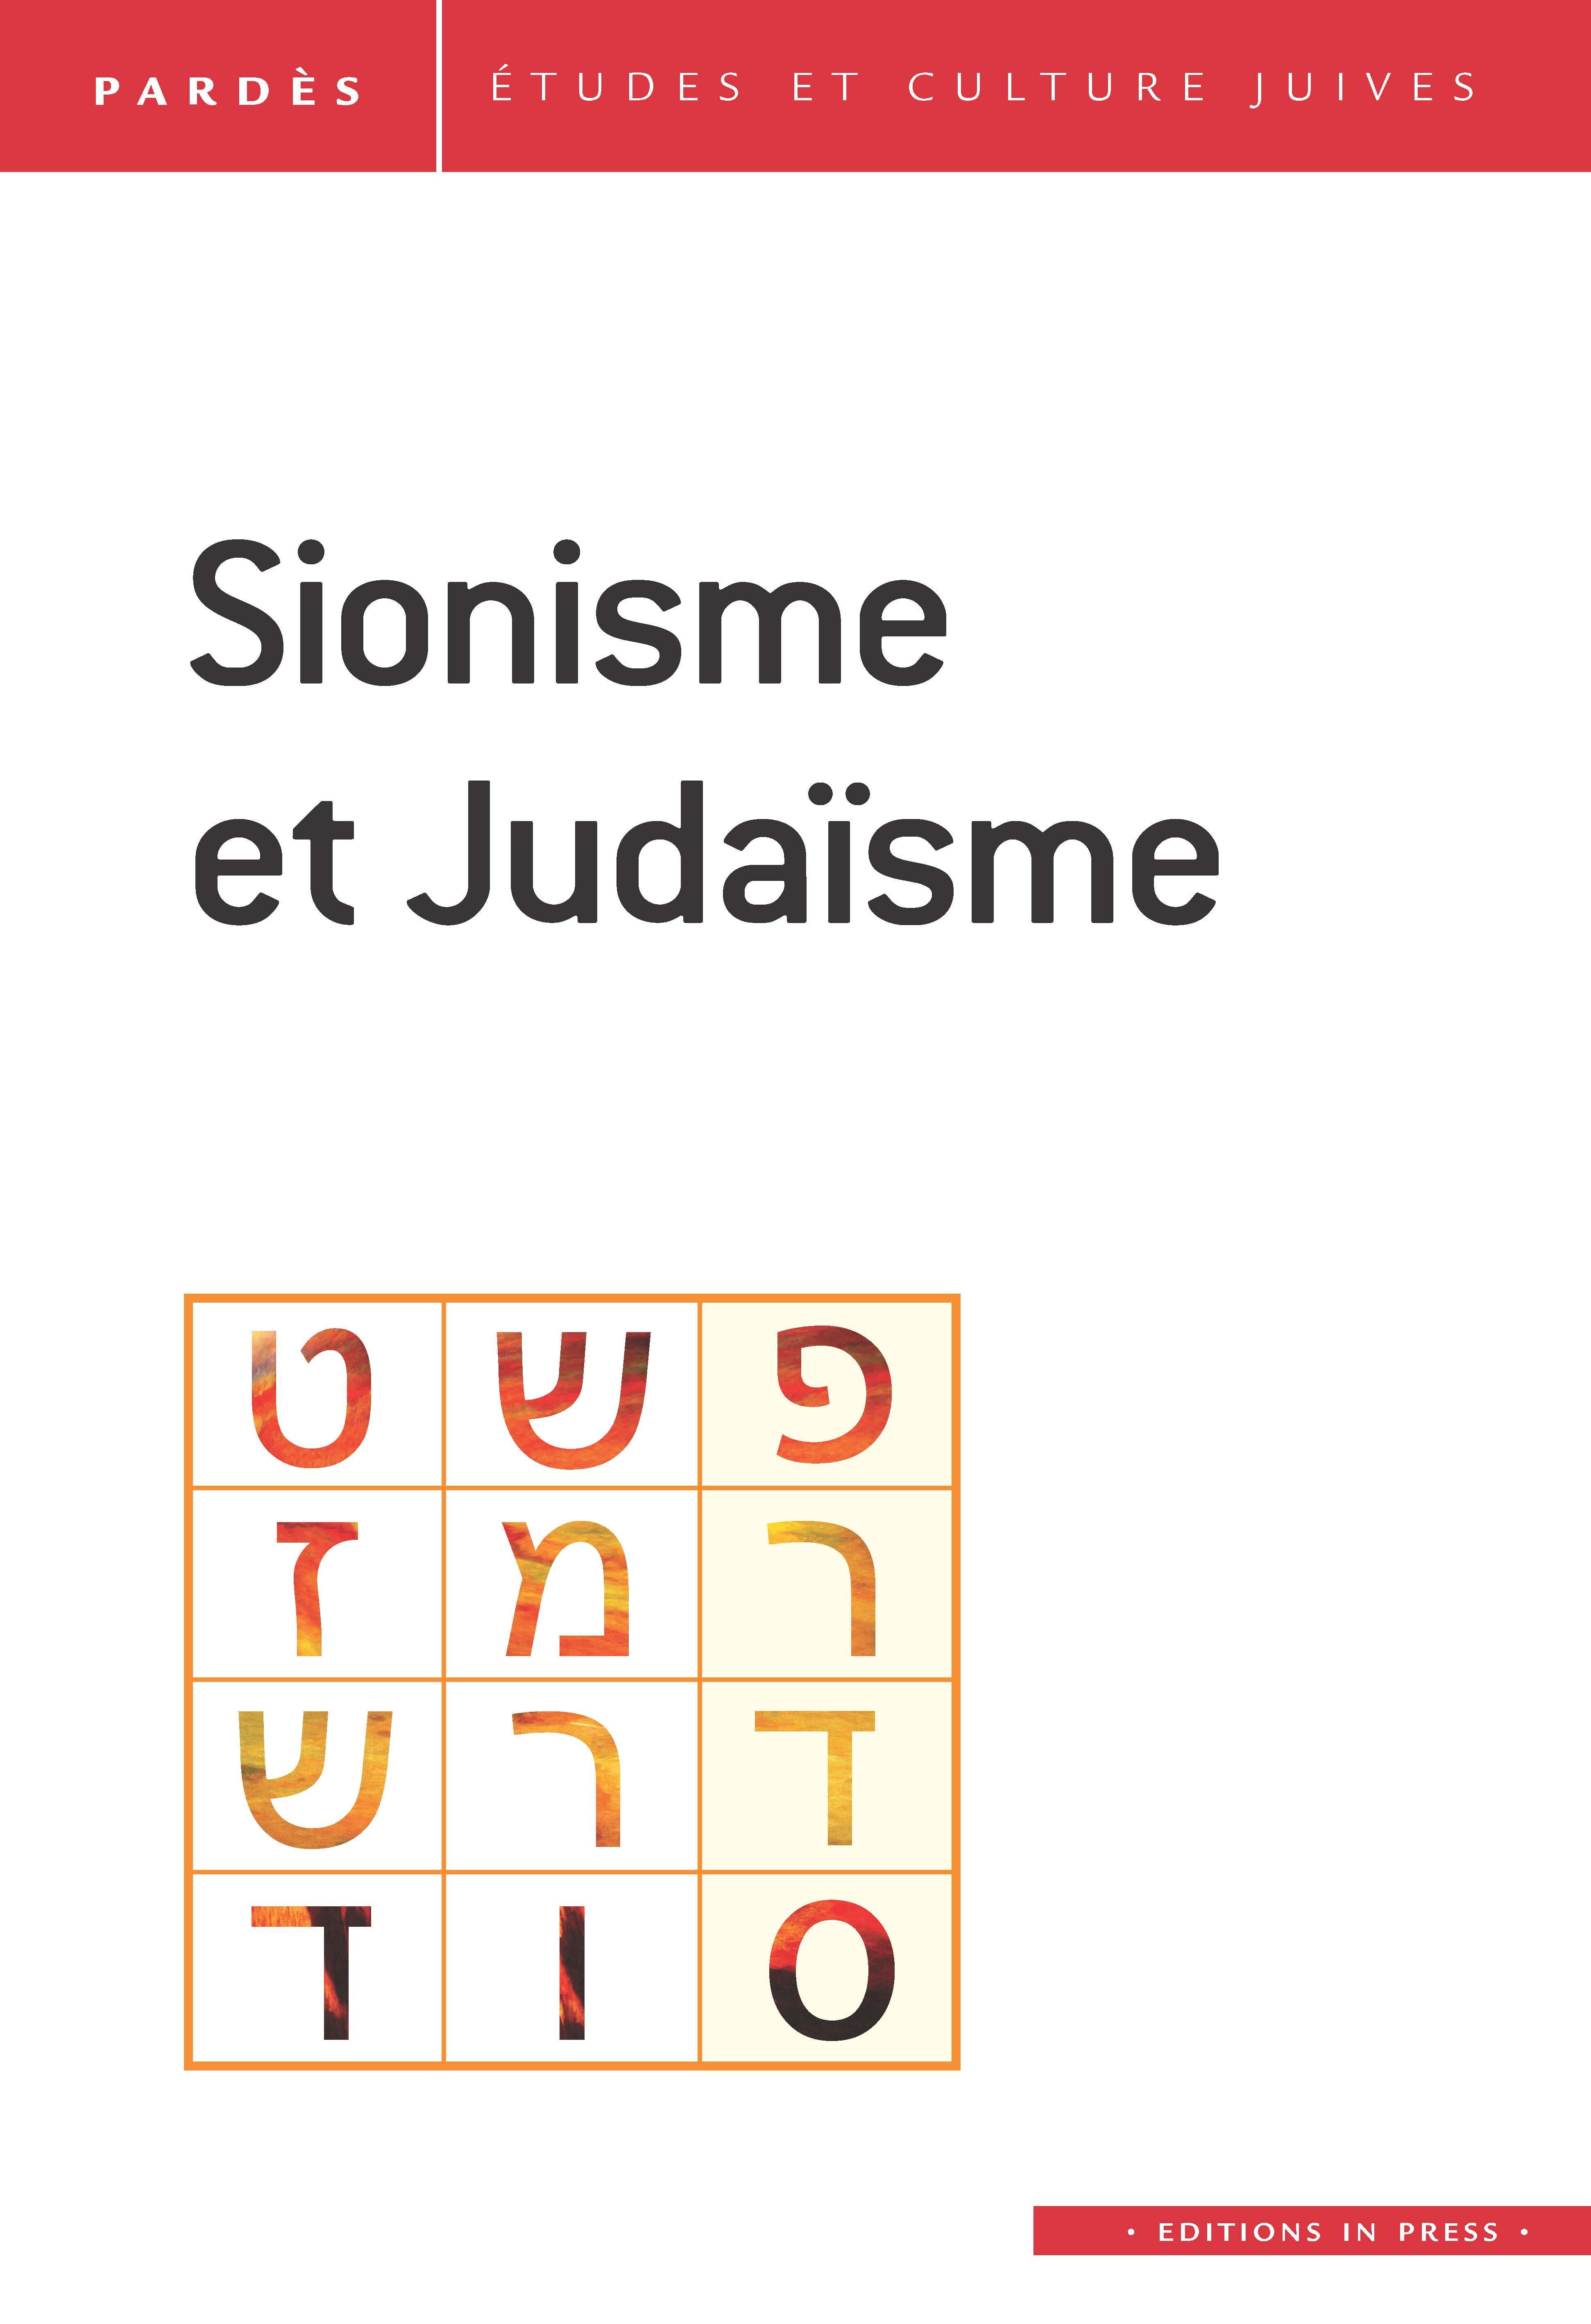 Sionisme et Halakha dans l'État d'Israël | Cairn.info